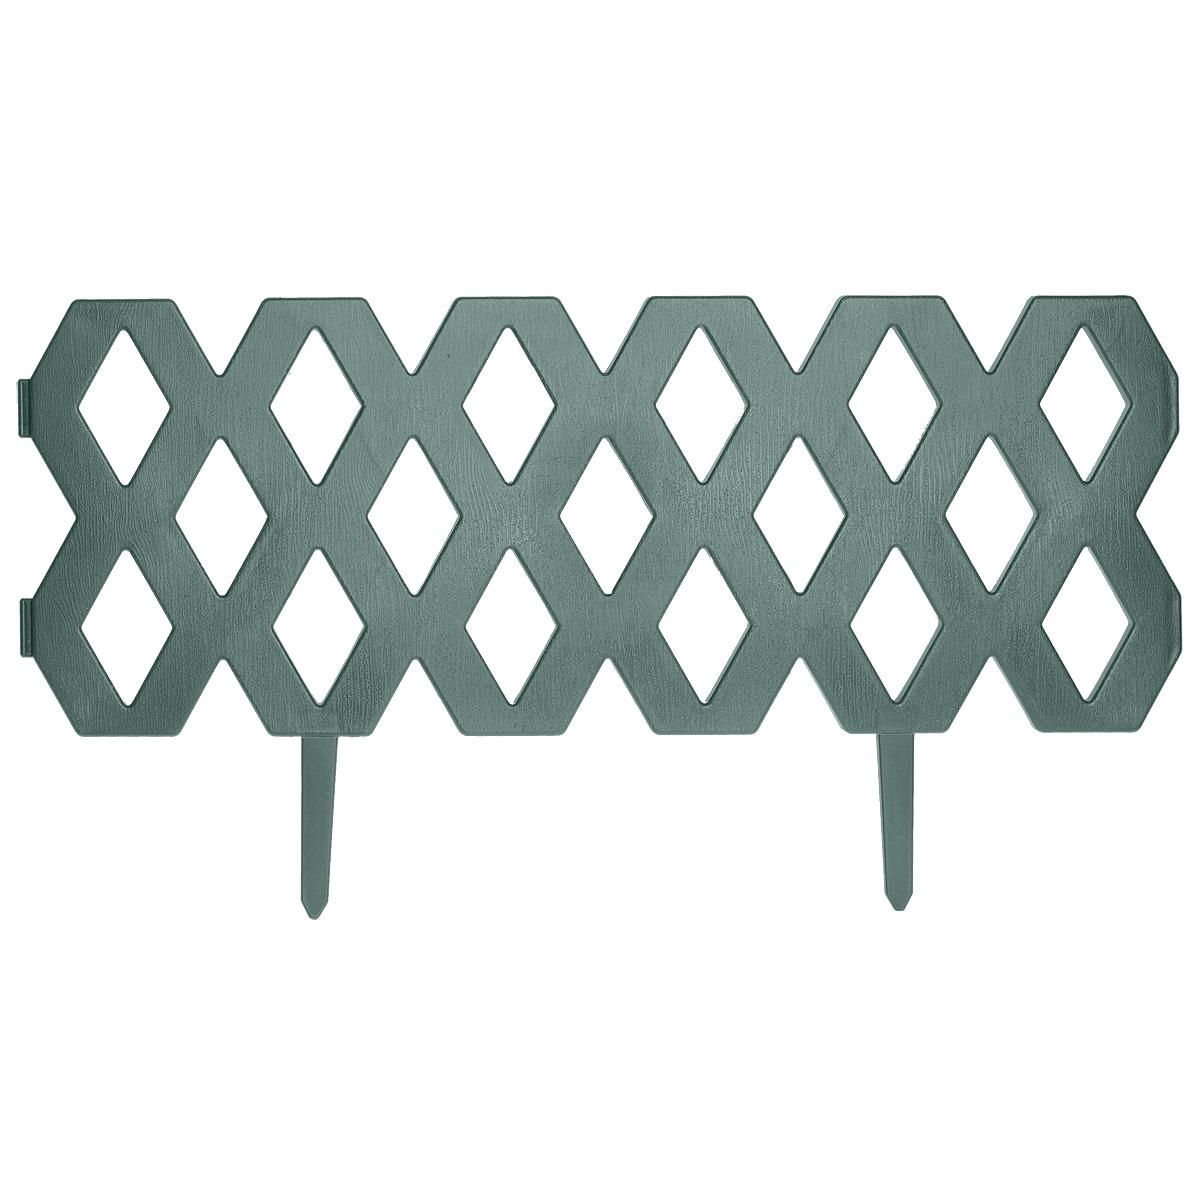 Забор декоративный пластиковый FIT Ромб, цвет: зеленый, 2 секции, 1,2 м4612754052622Забор декоративный FIT предназначен как для украшения садового участка, так и для компоновки грядок и клумб. Соединяются секции между собой прочными креплениями.Высота: 22 см (31 см с ножками).Длина одной секции: 60 см.